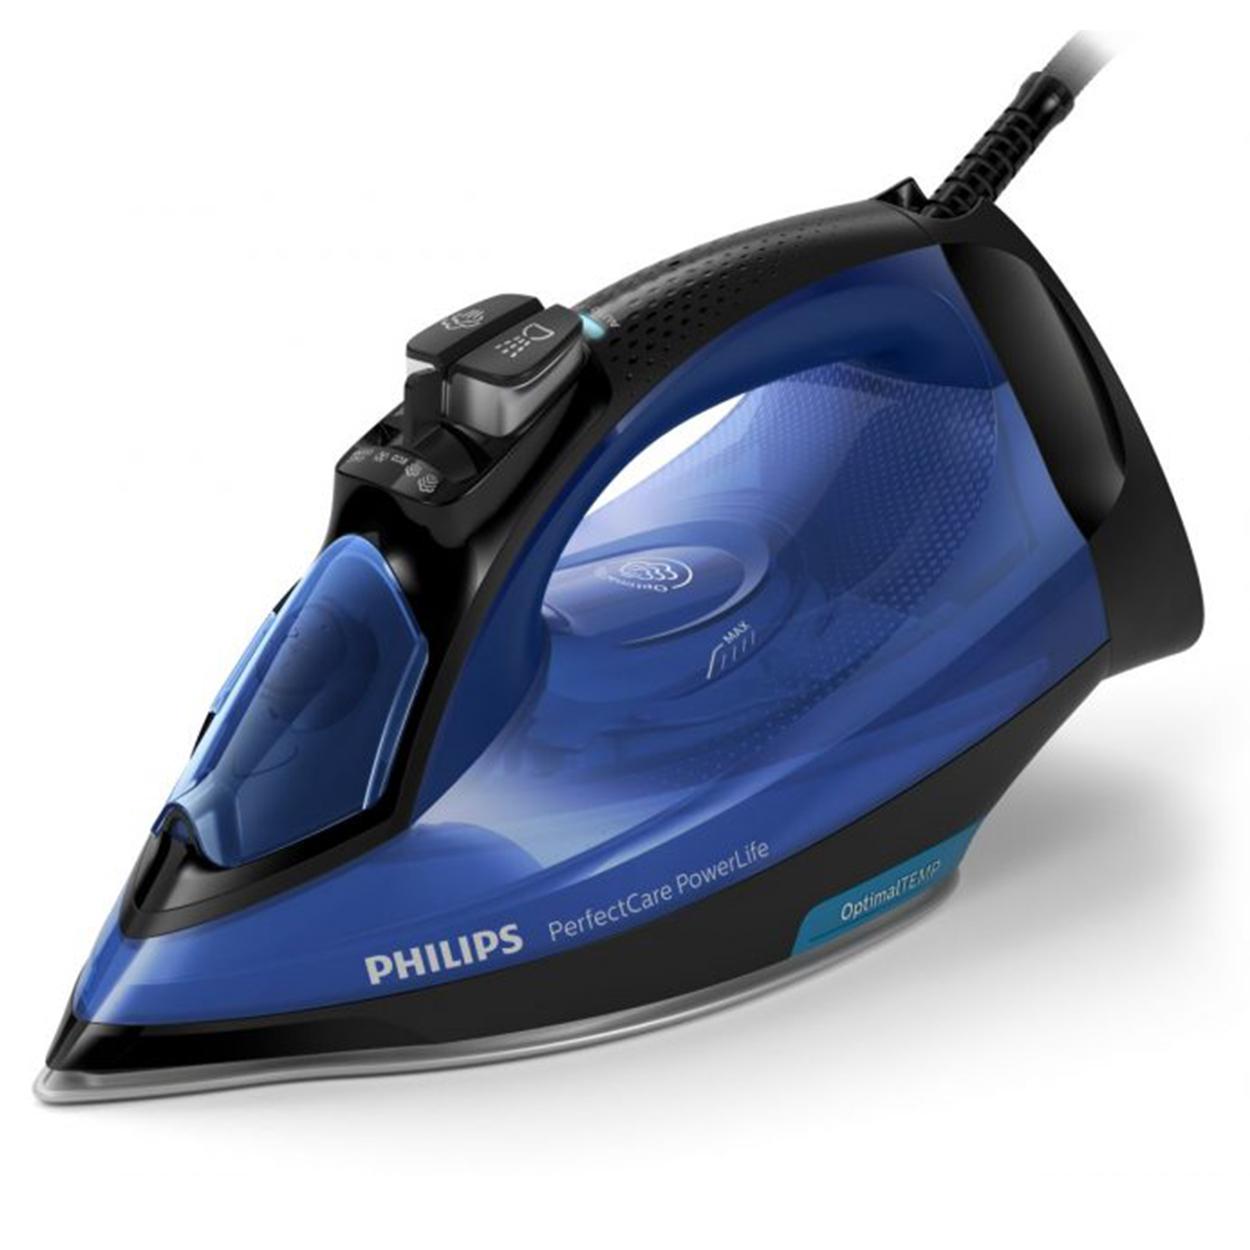 Pirkite PerfectCare Garų lygintuvą GC3920/20 elektroninėje | Philips parduotuvėje